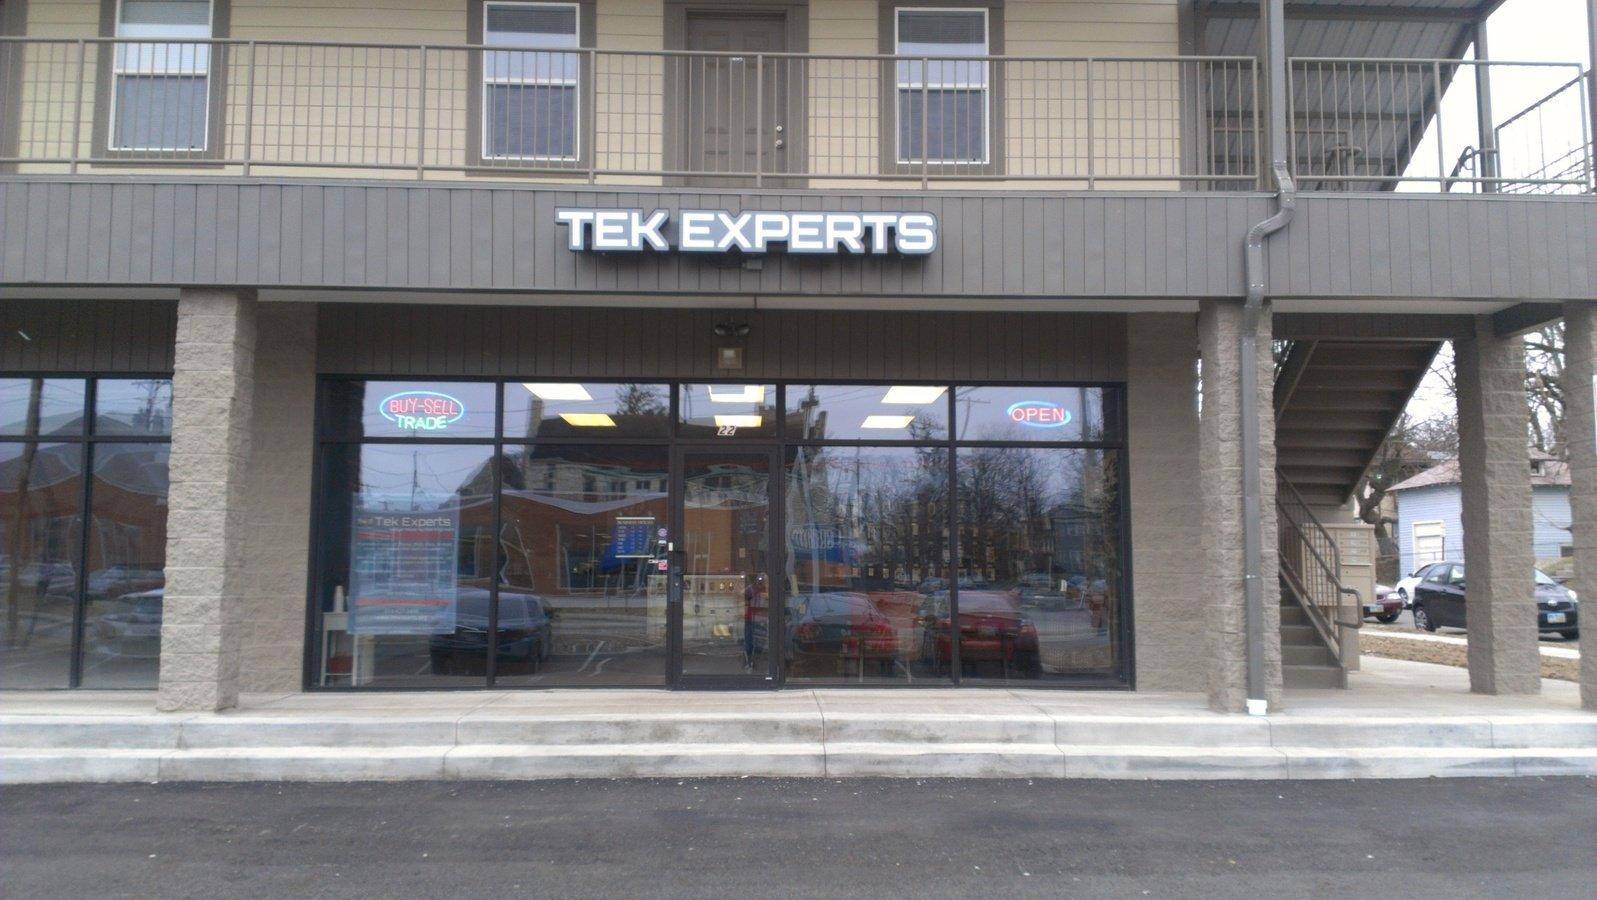 Tek Experts